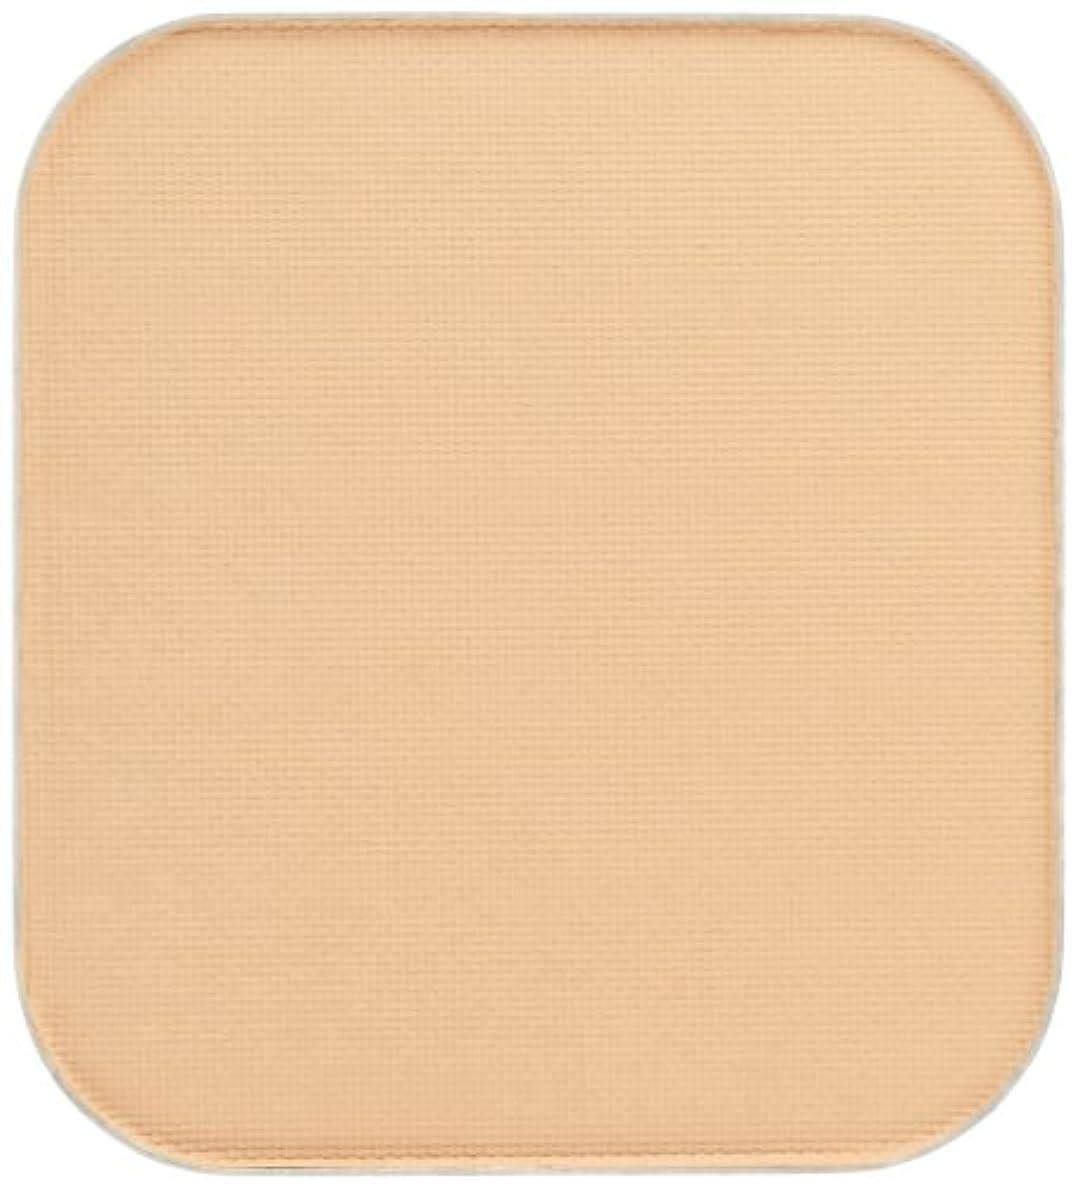 休暇メーカーリボンKOSE コーセー ノア UVホワイト パウダーファンデーションEX 41 詰替用 10.5g